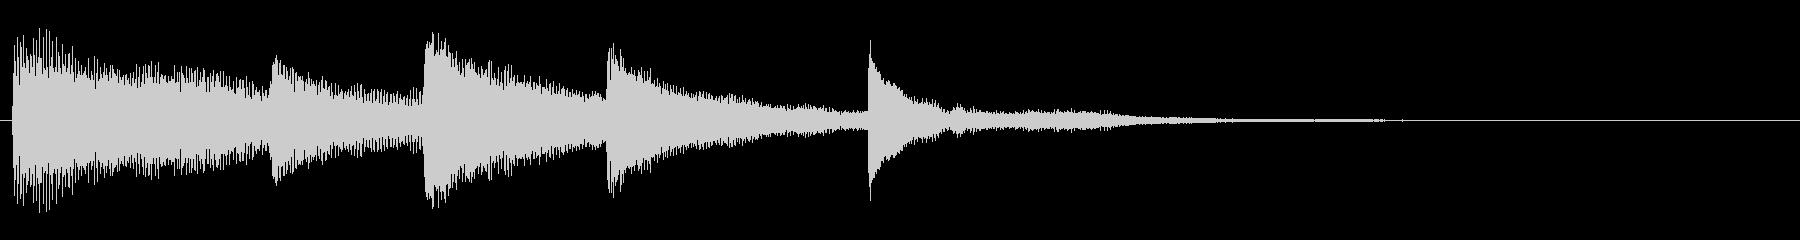 ピアノアルペジオのんの未再生の波形